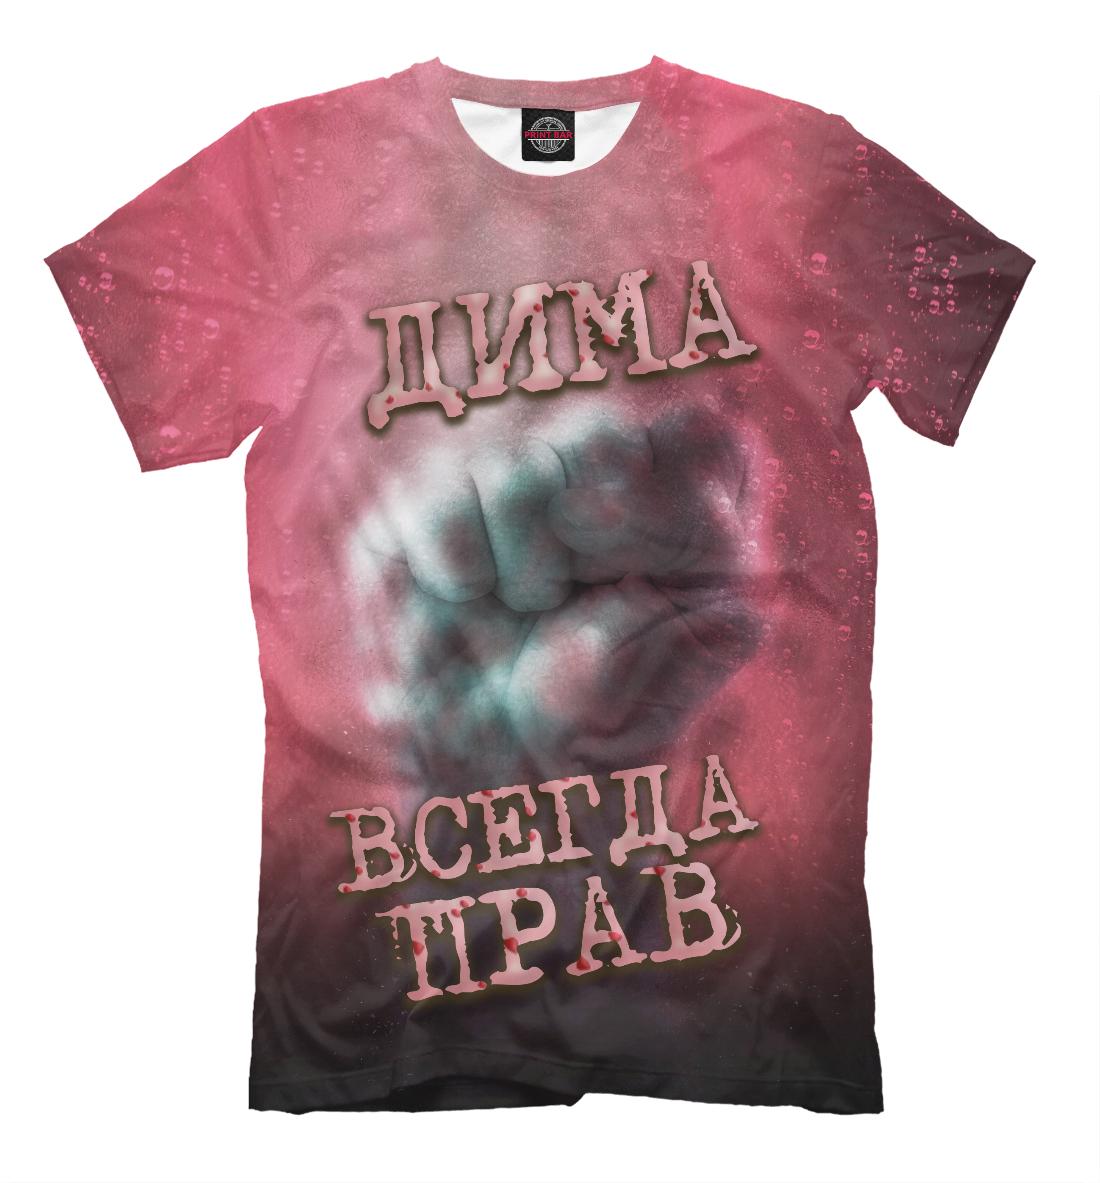 Купить Дима всегда прав, Printbar, Футболки, DMI-653245-fut-2